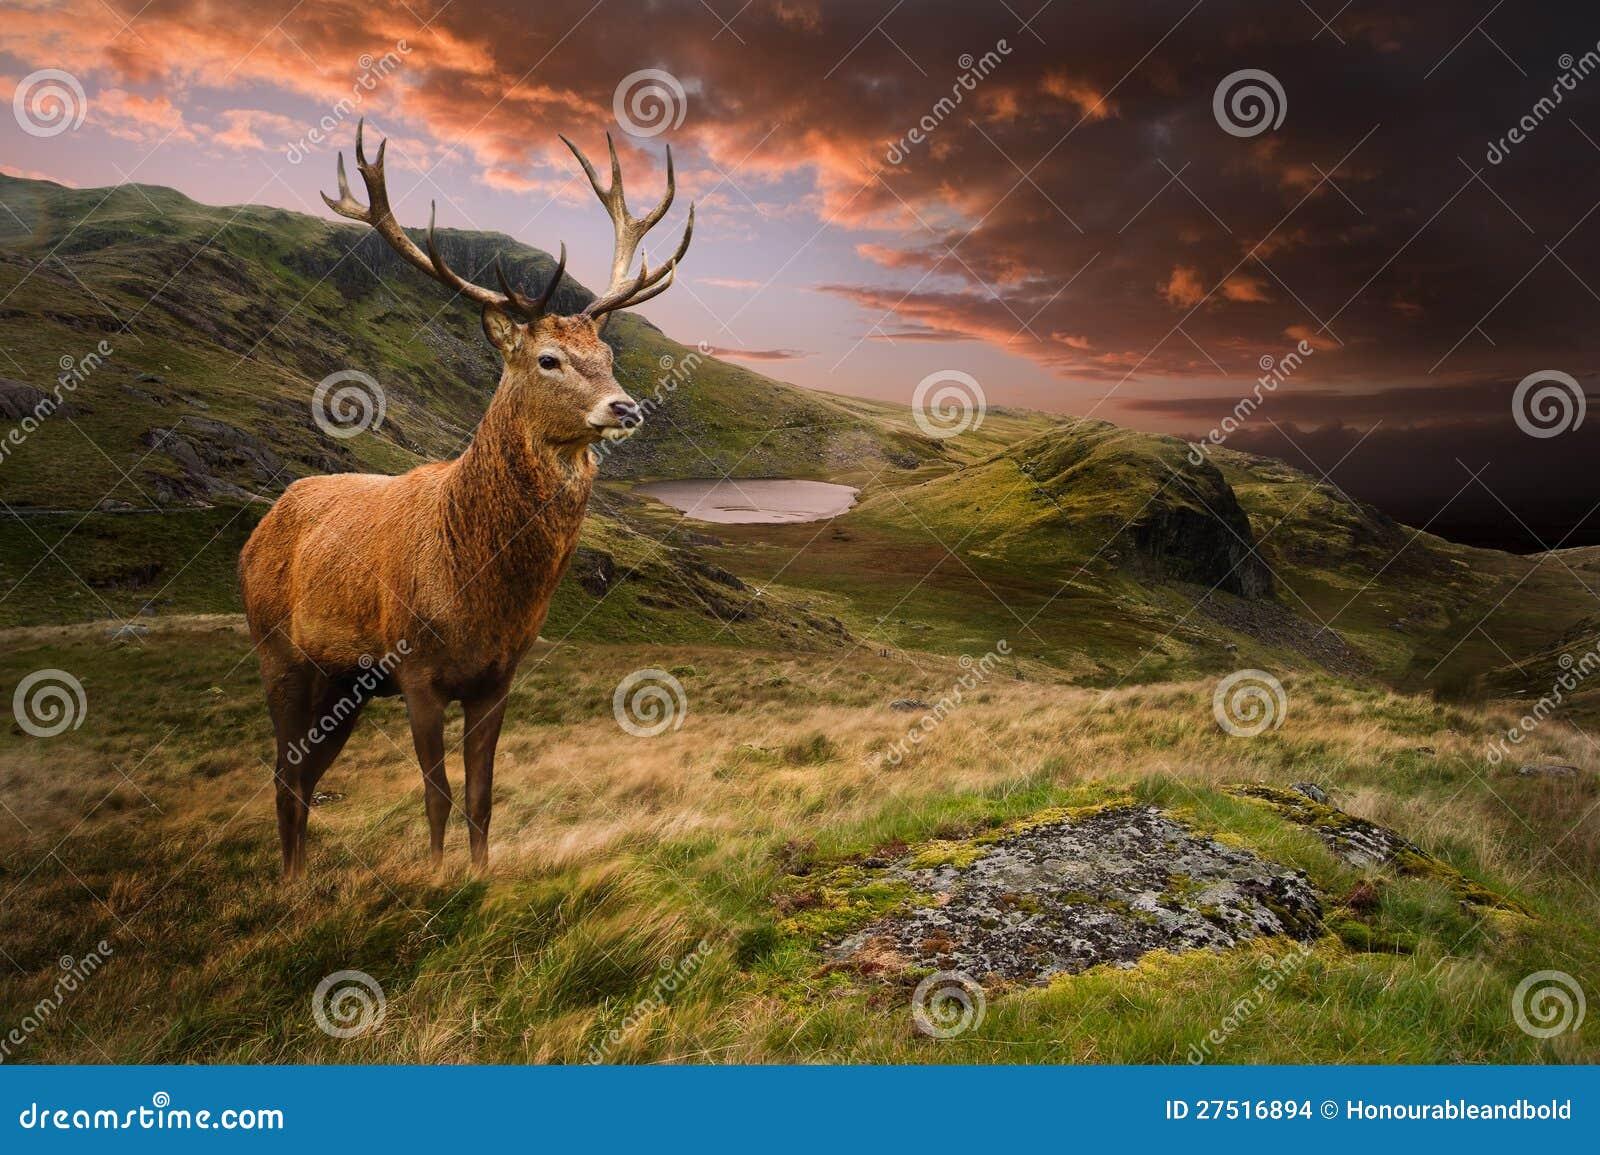 Rood hertenmannetje in dramatisch berglandschap